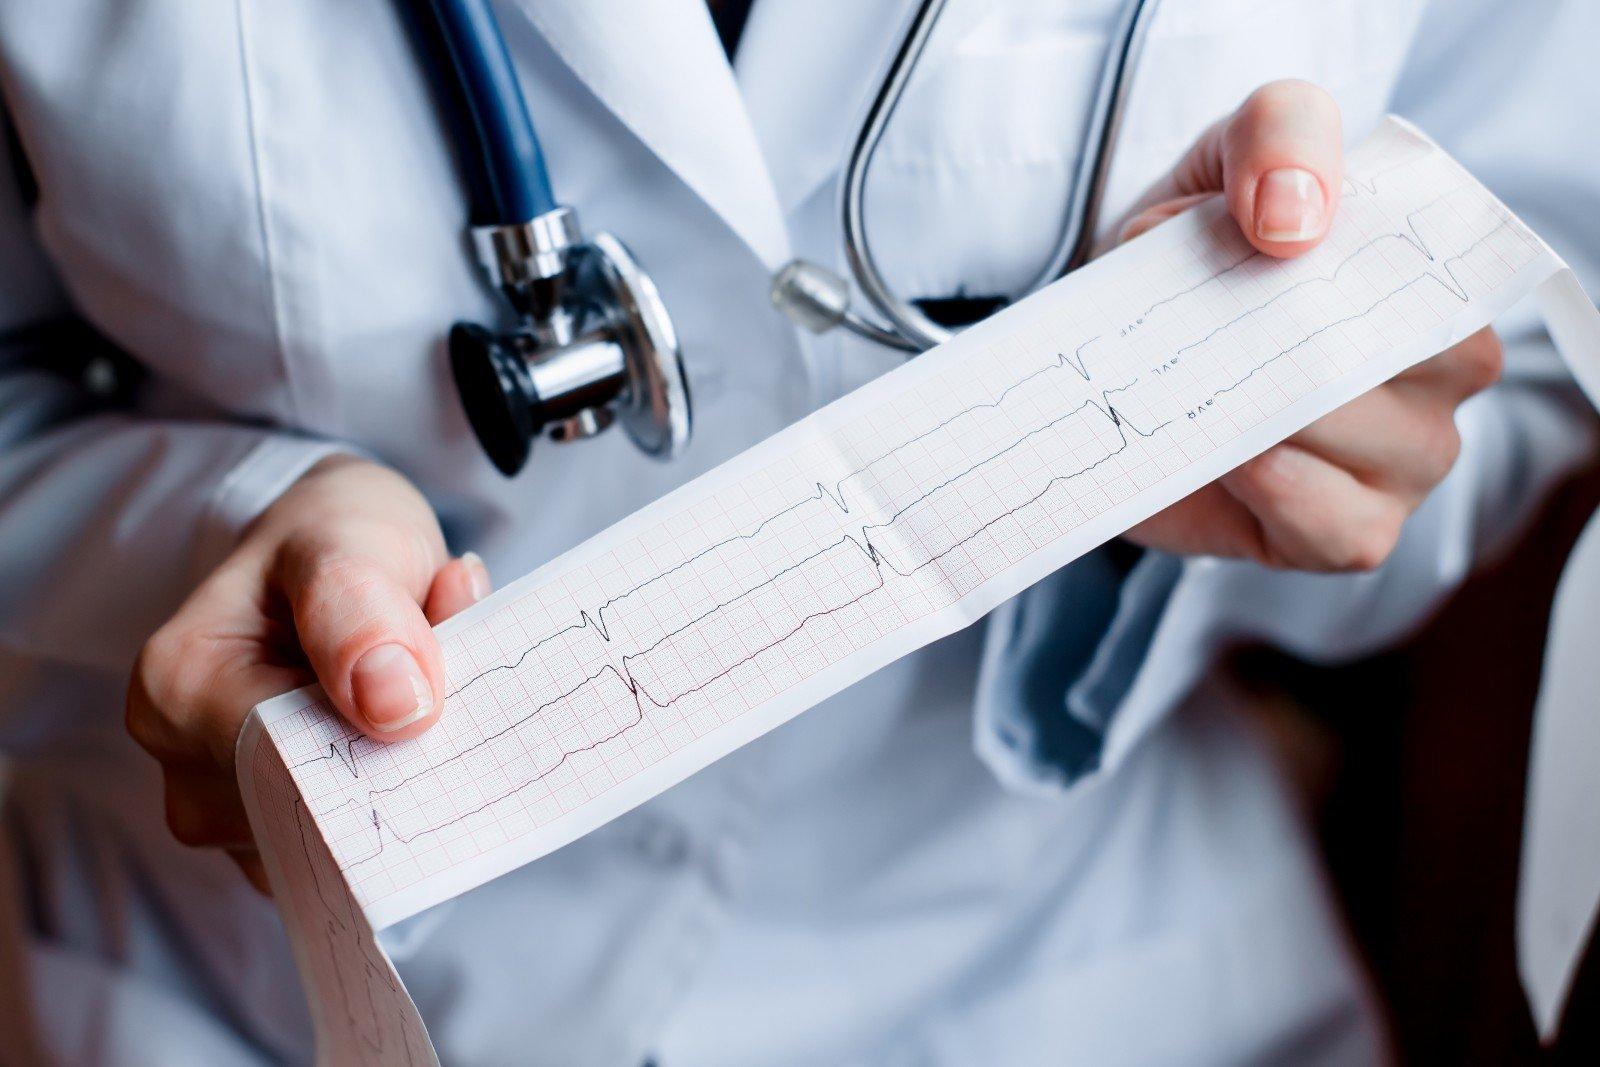 Išeminės širdies ligos diagnostikos ir gydymo pamokos COVID-19 pandemijos sąlygomis